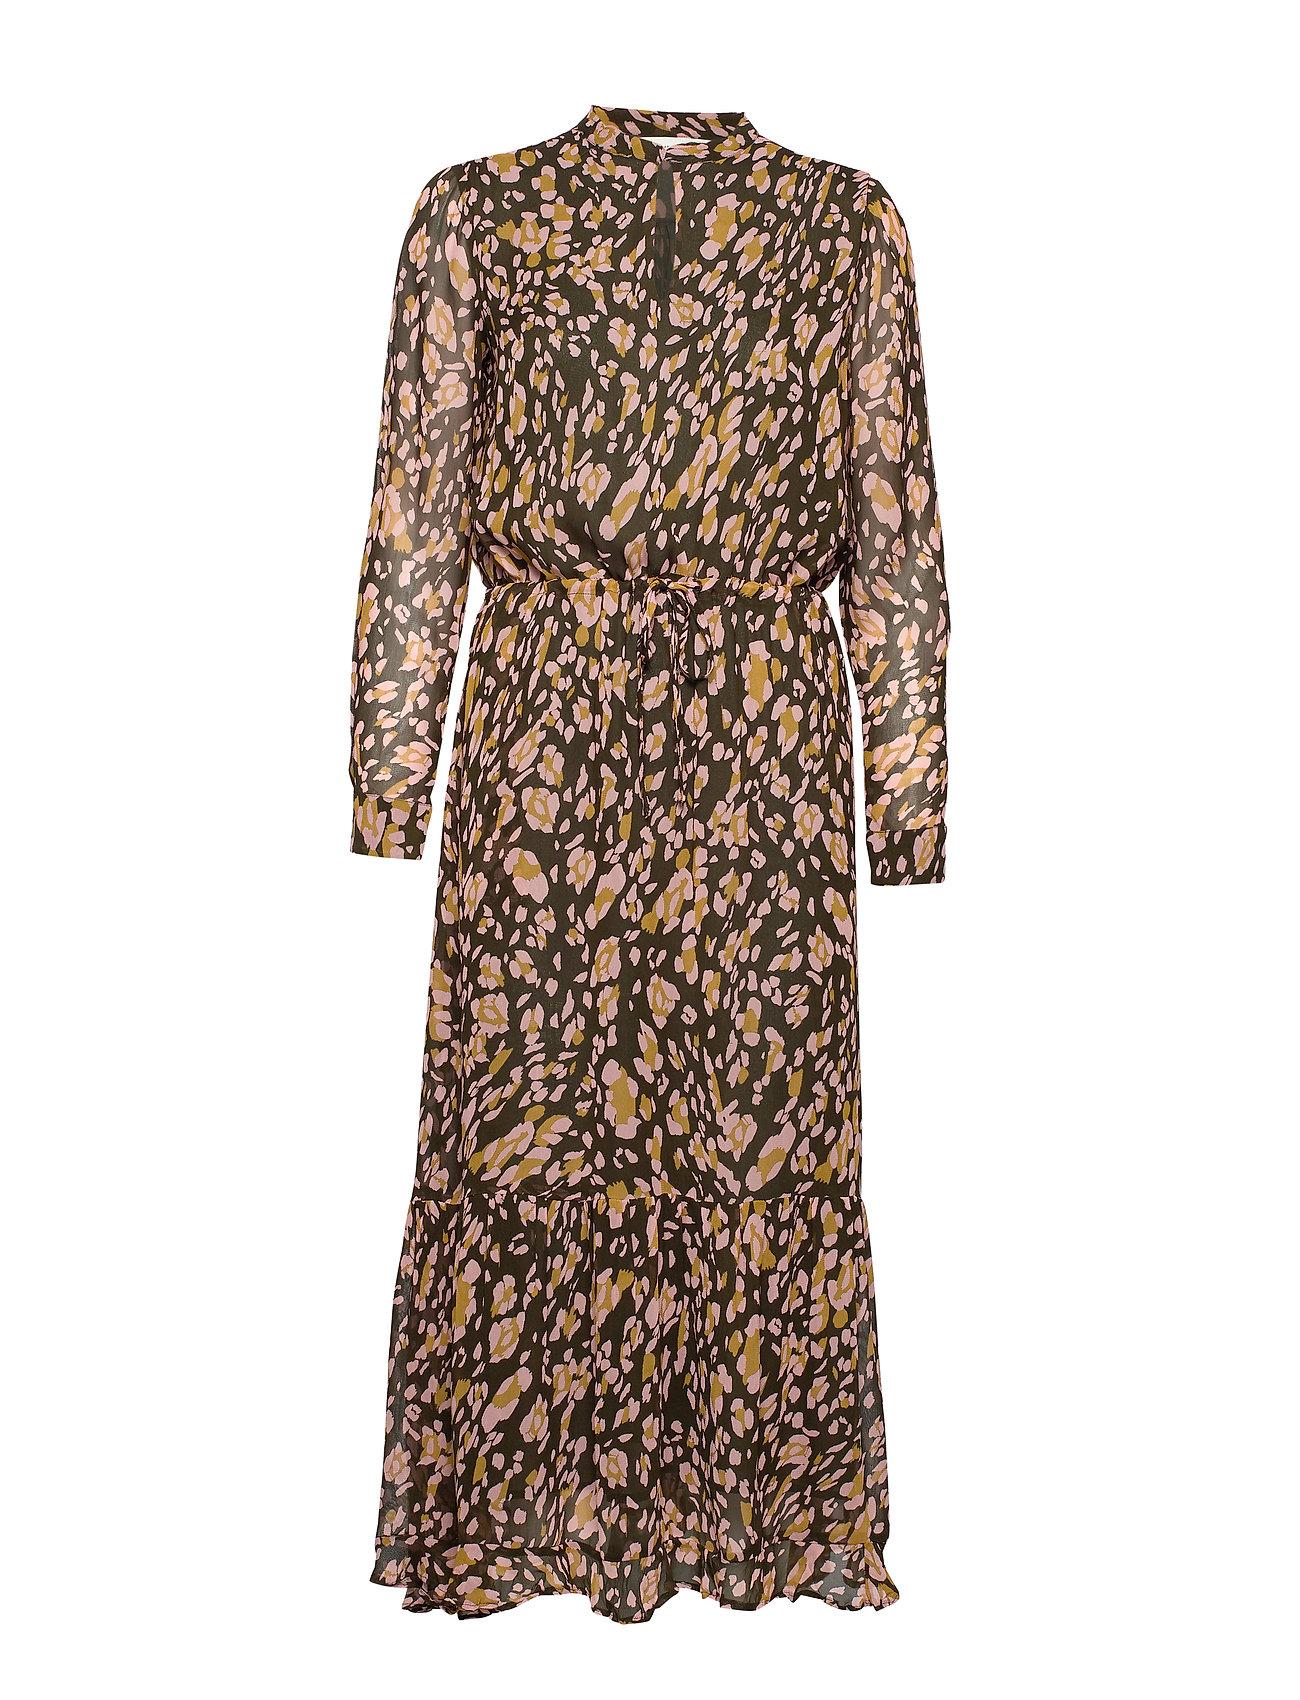 InWear ClariceIW Dress - OLIVE LEAF IRREGULAR ANIMAL